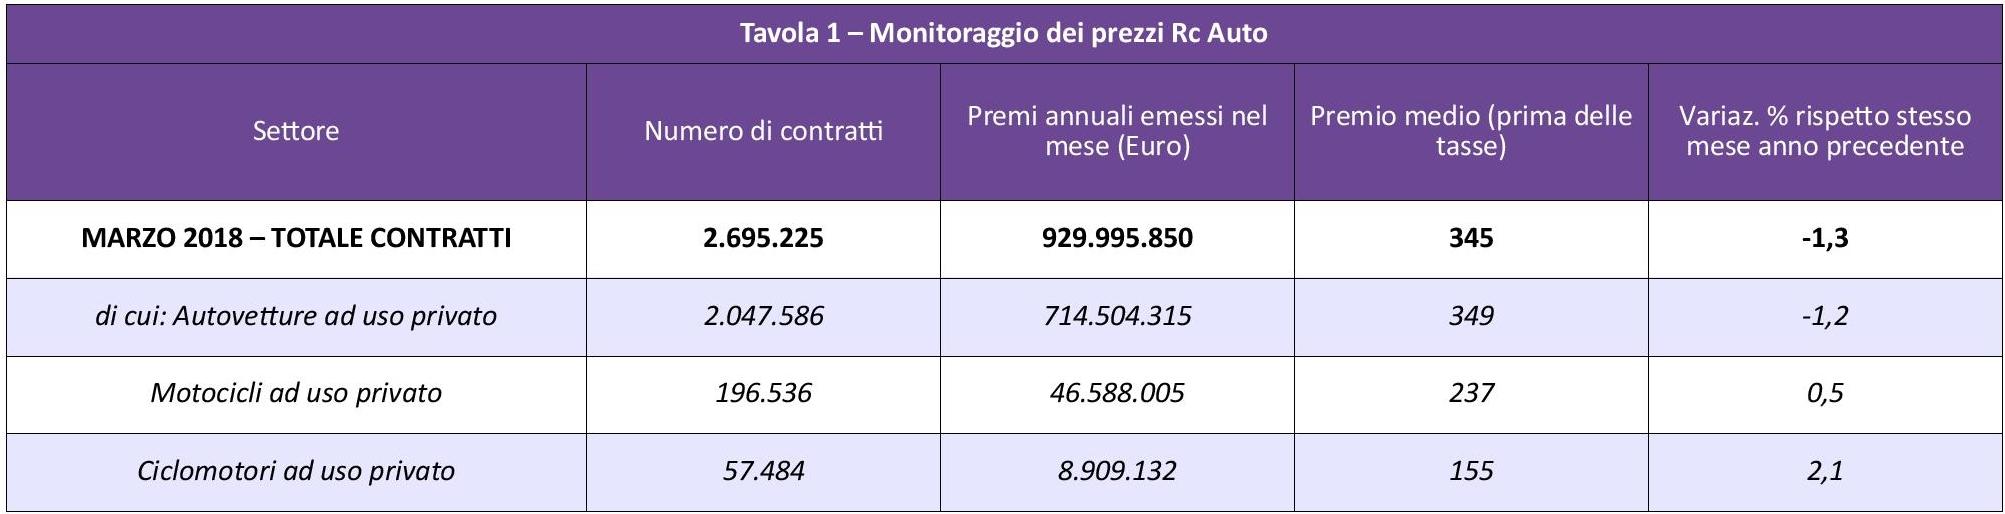 ANIA - Monitoraggio prezzi Rc Auto - Marzo 2018 IMC